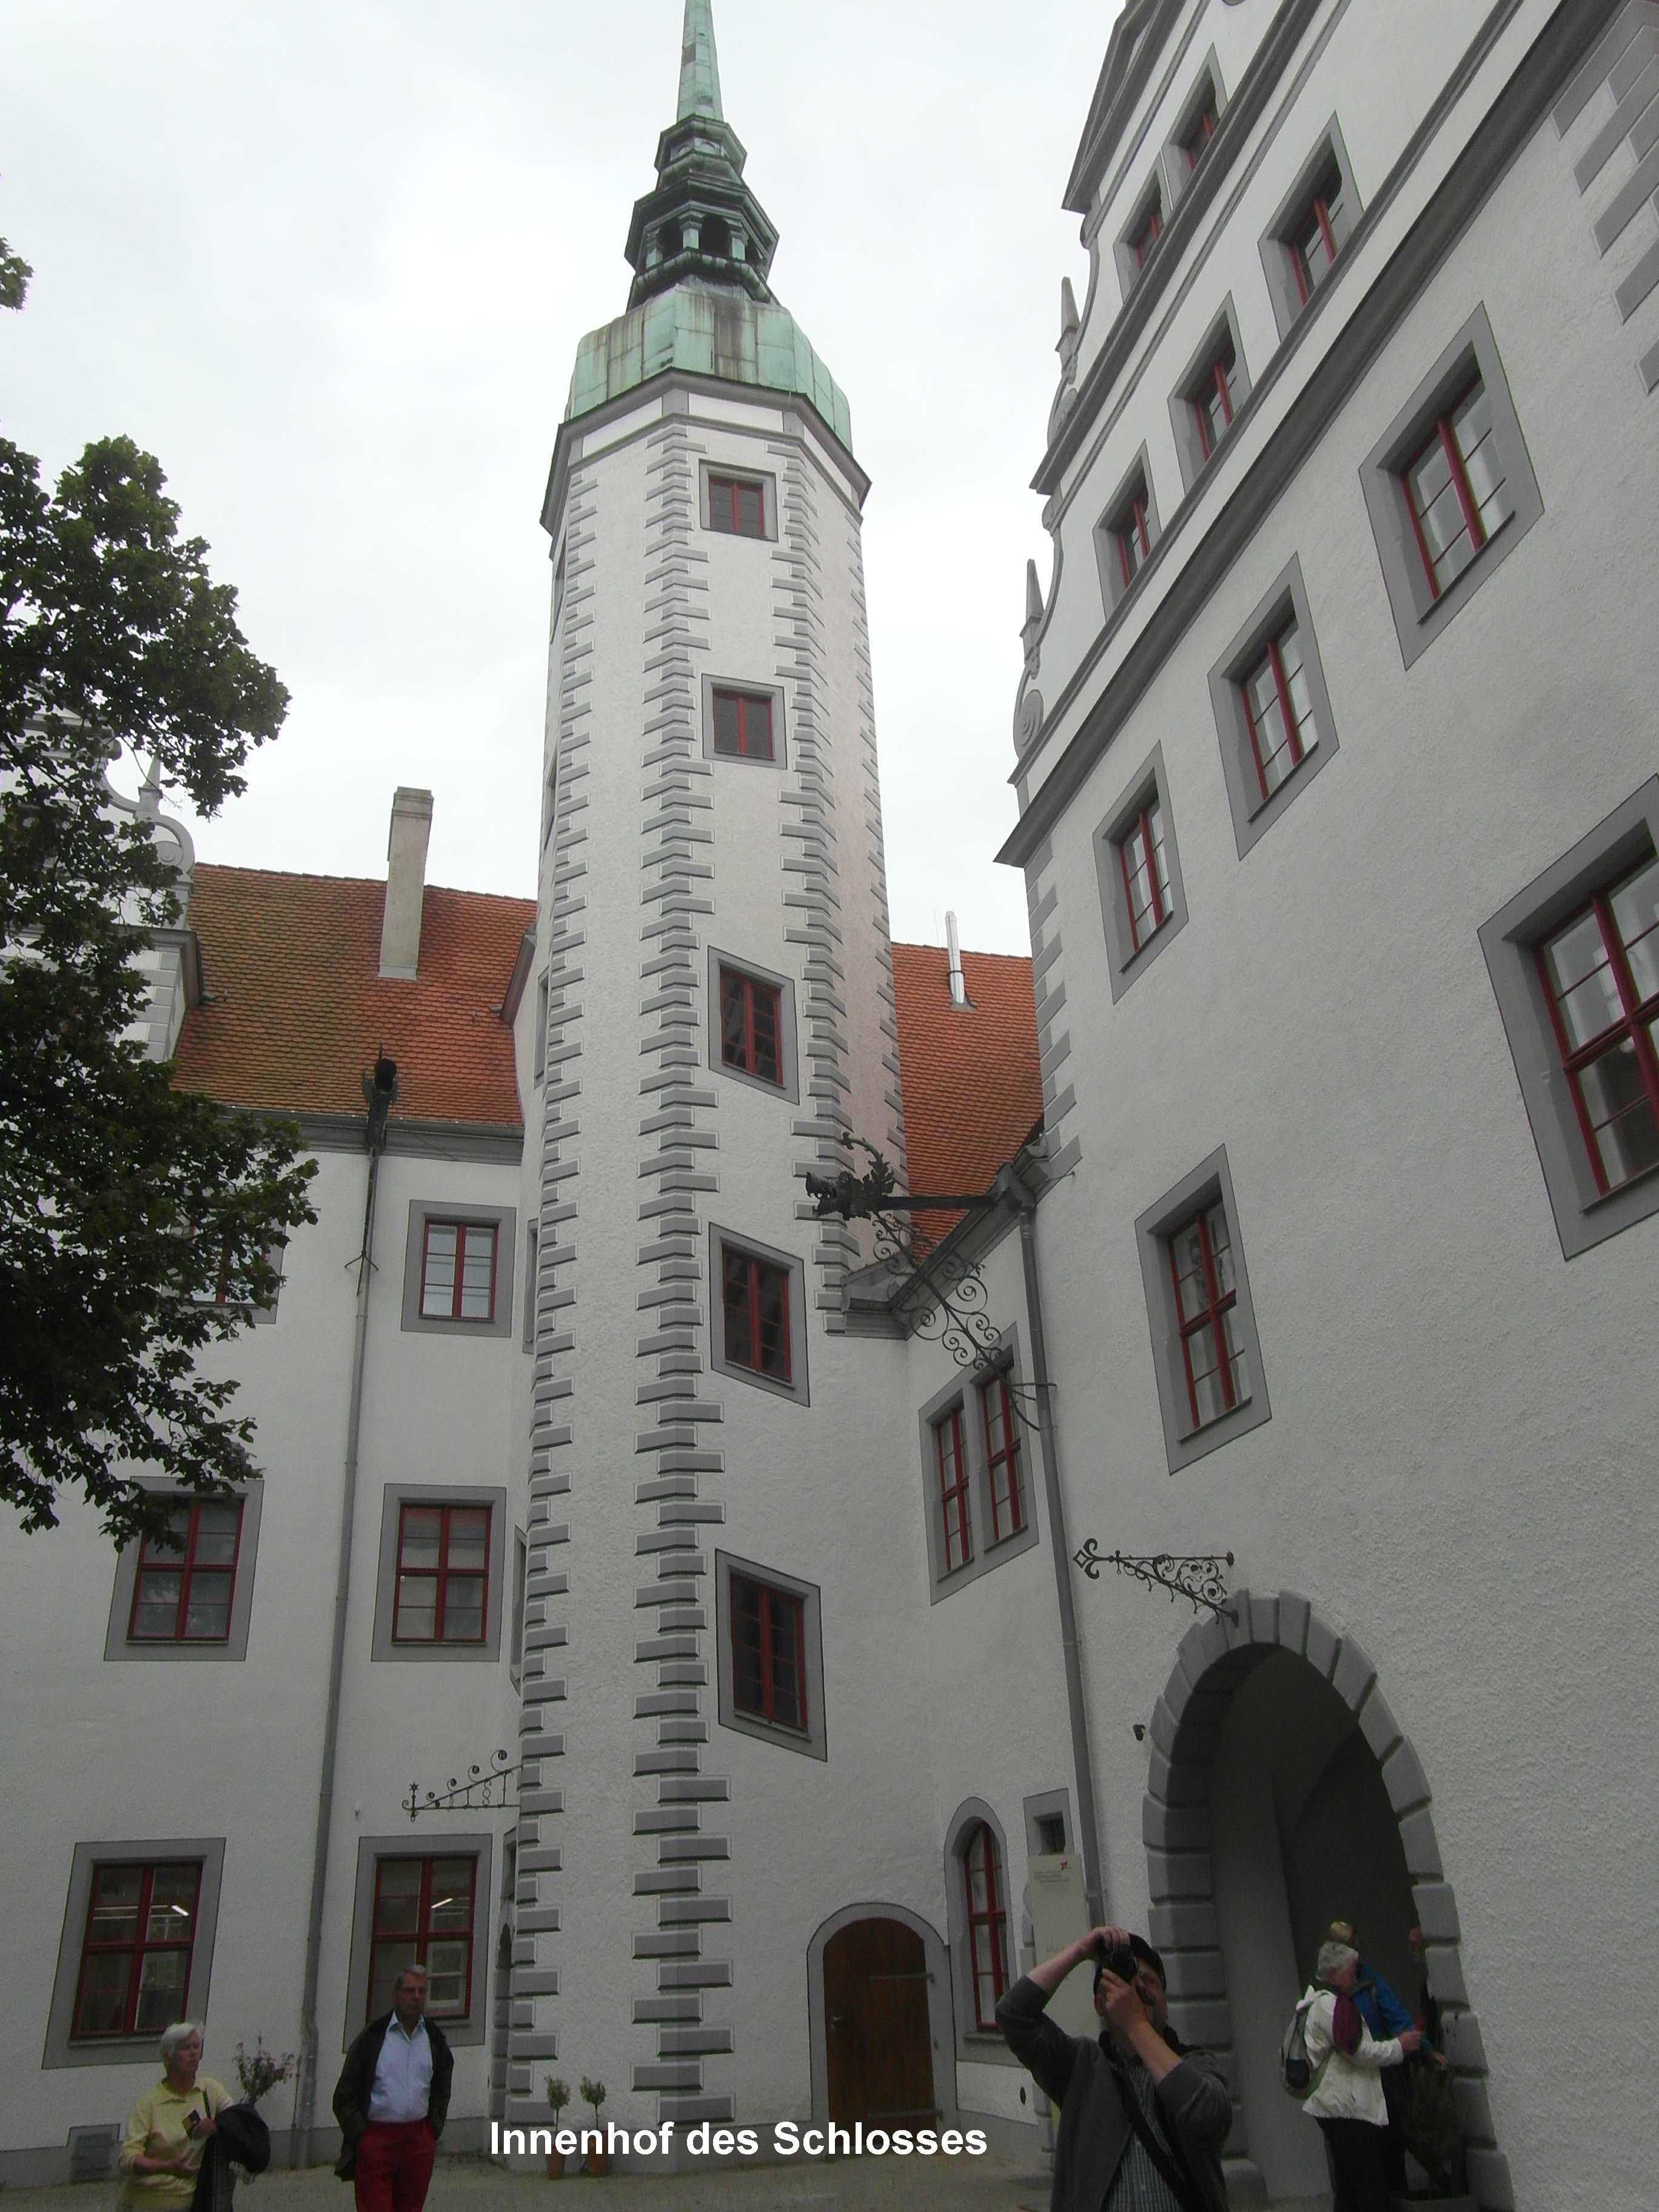 4Schlosshof